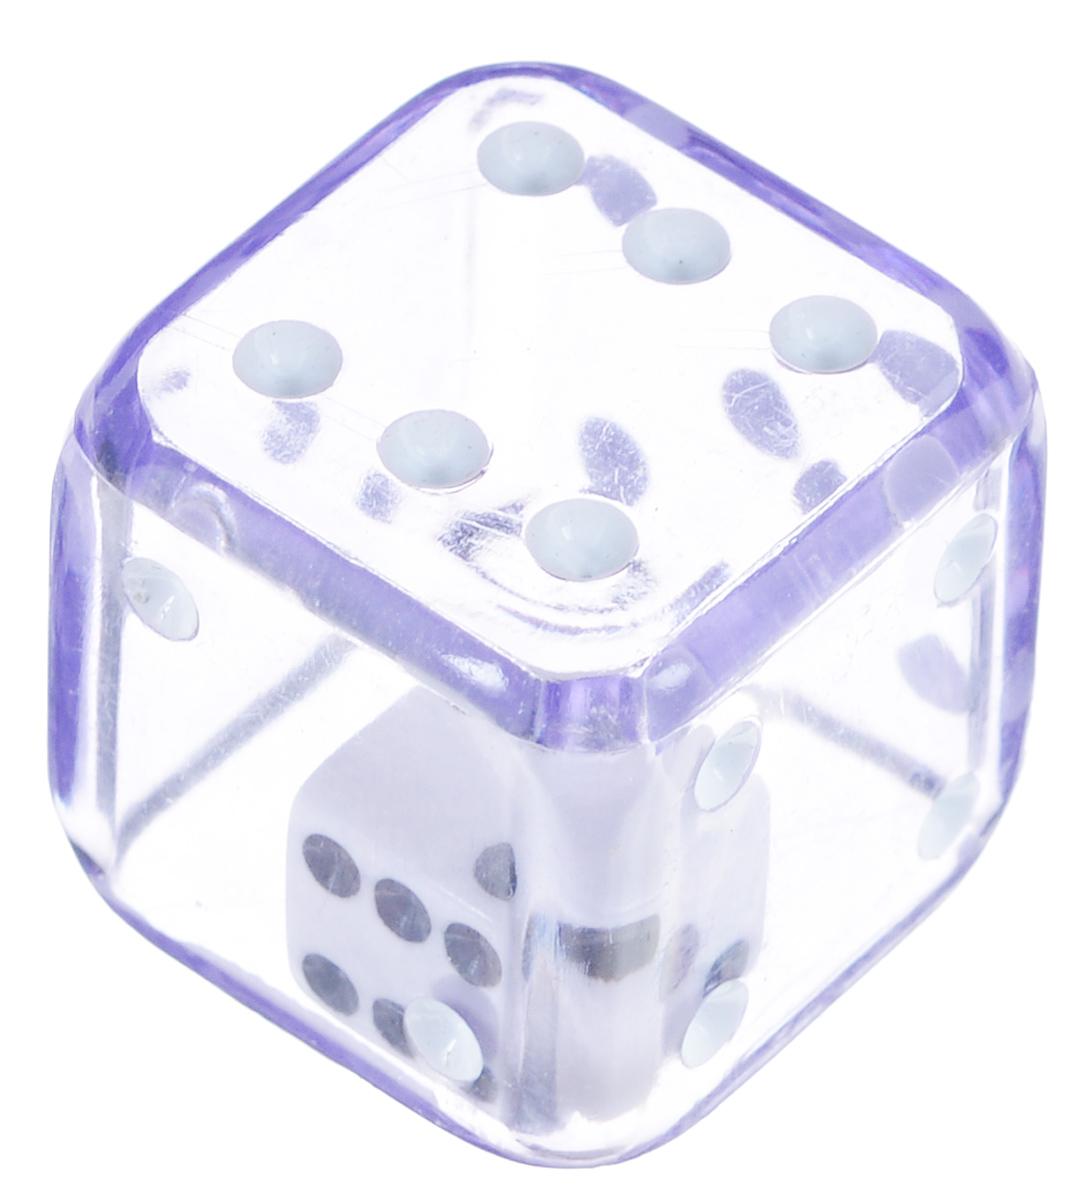 Koplow Games Кость игральная Кубик в кубике D6 цвет сиреневый ( 11687_сиреневый )